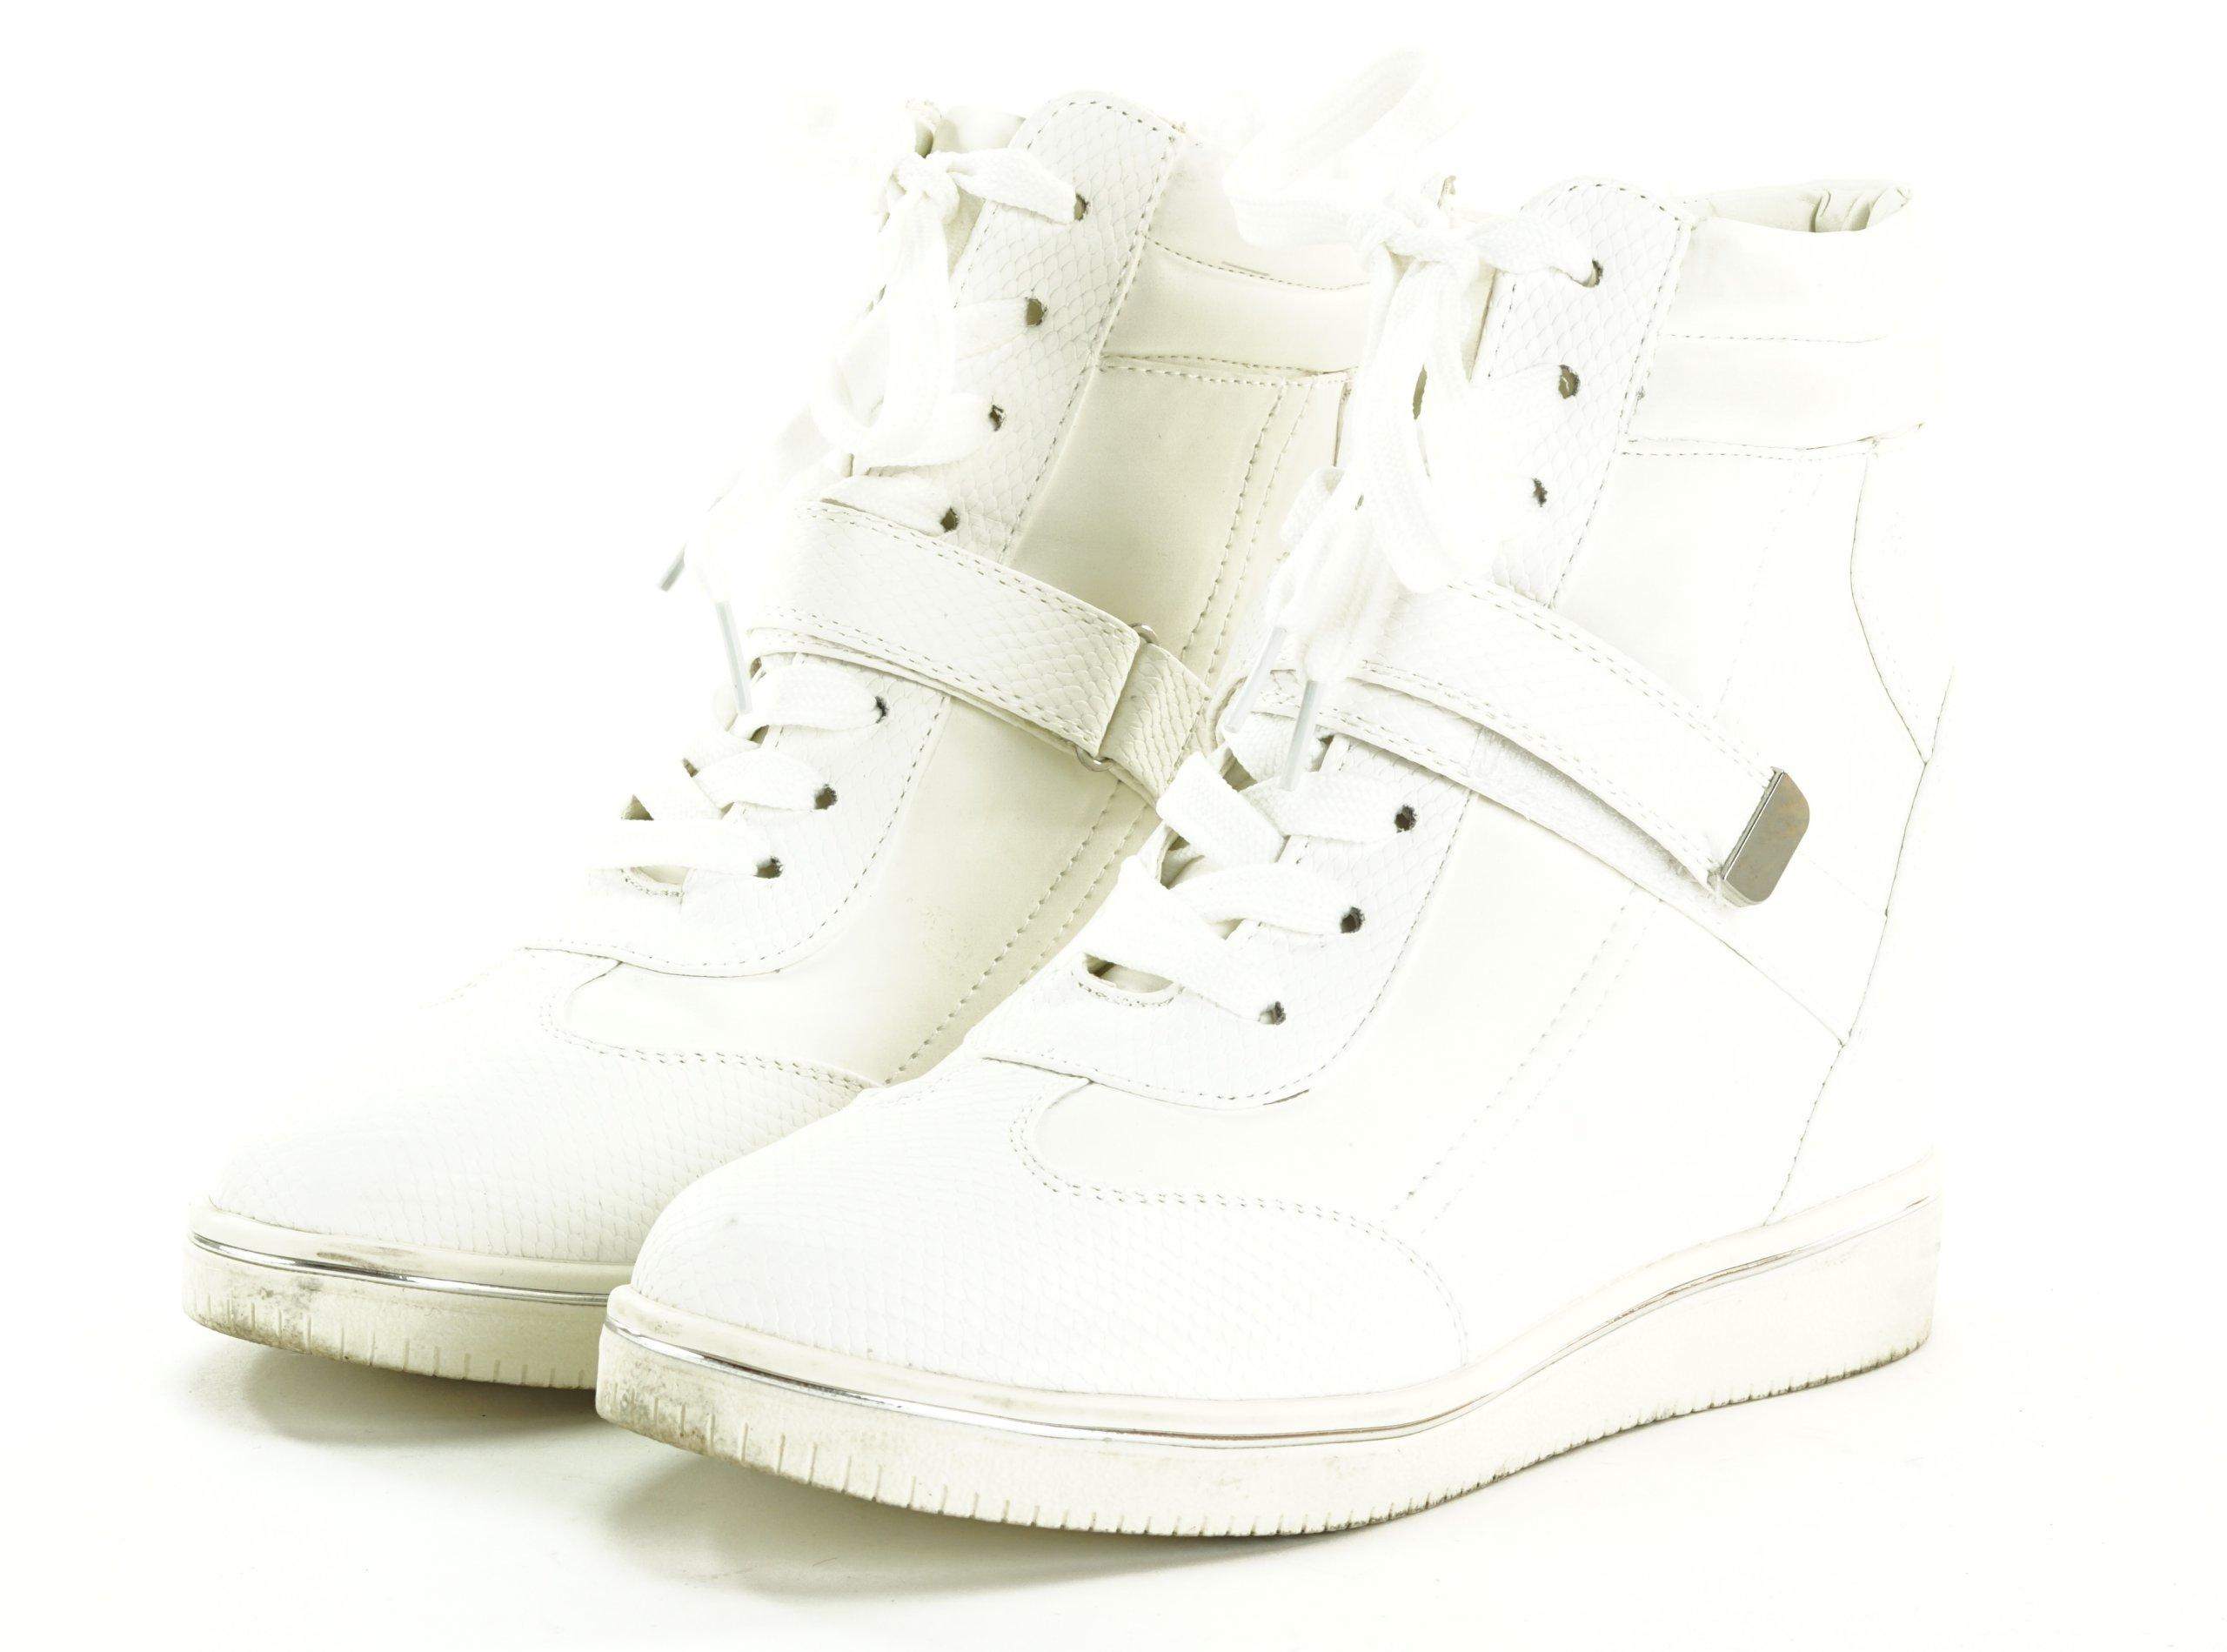 43f99c85bf6aa NEW LOOK białe trampki na koturnie R. 40 R4 37 - 7409755368 ...